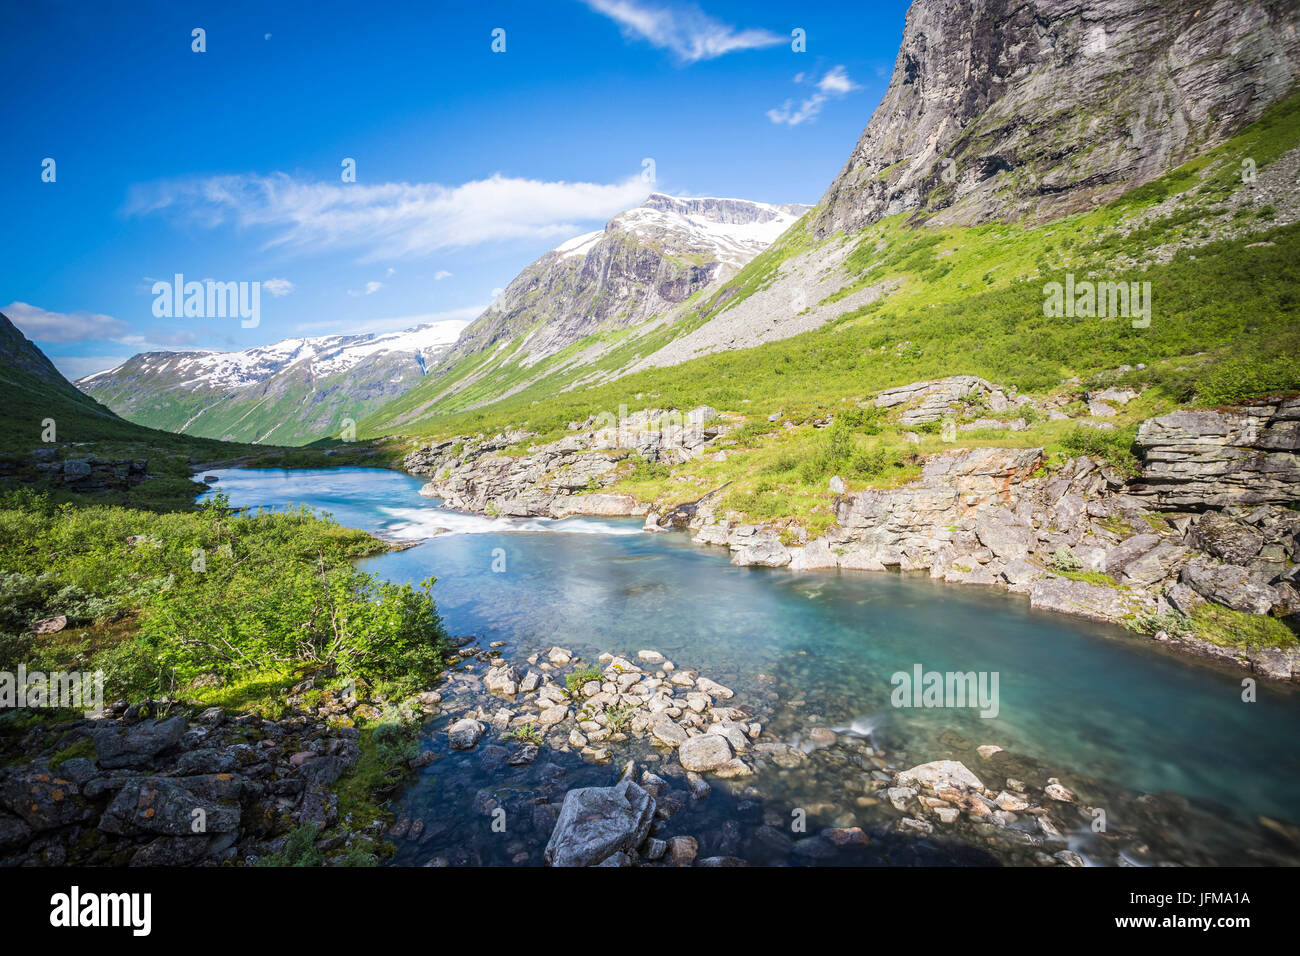 Trollstigen, More og Romsdal county, Norway - Stock Image